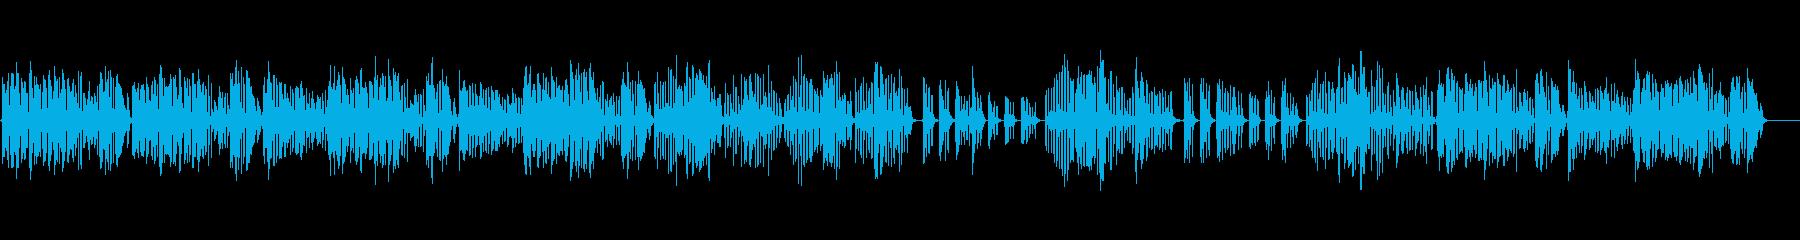 ボッケリーニ/メヌエット/バイオリンソロの再生済みの波形